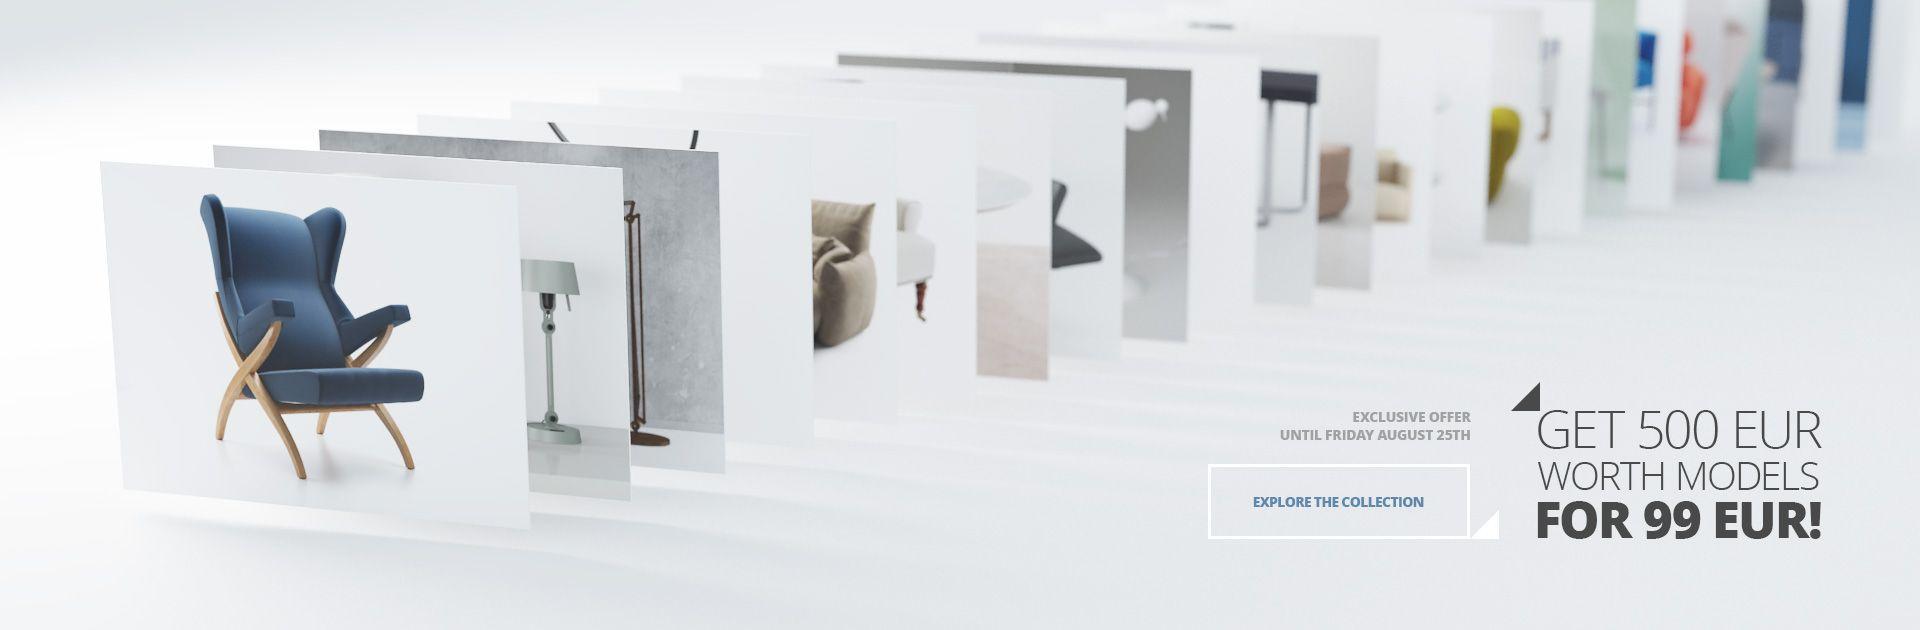 Furniture Design Royalty Rates unique furniture design royalty rates old as throughout decor